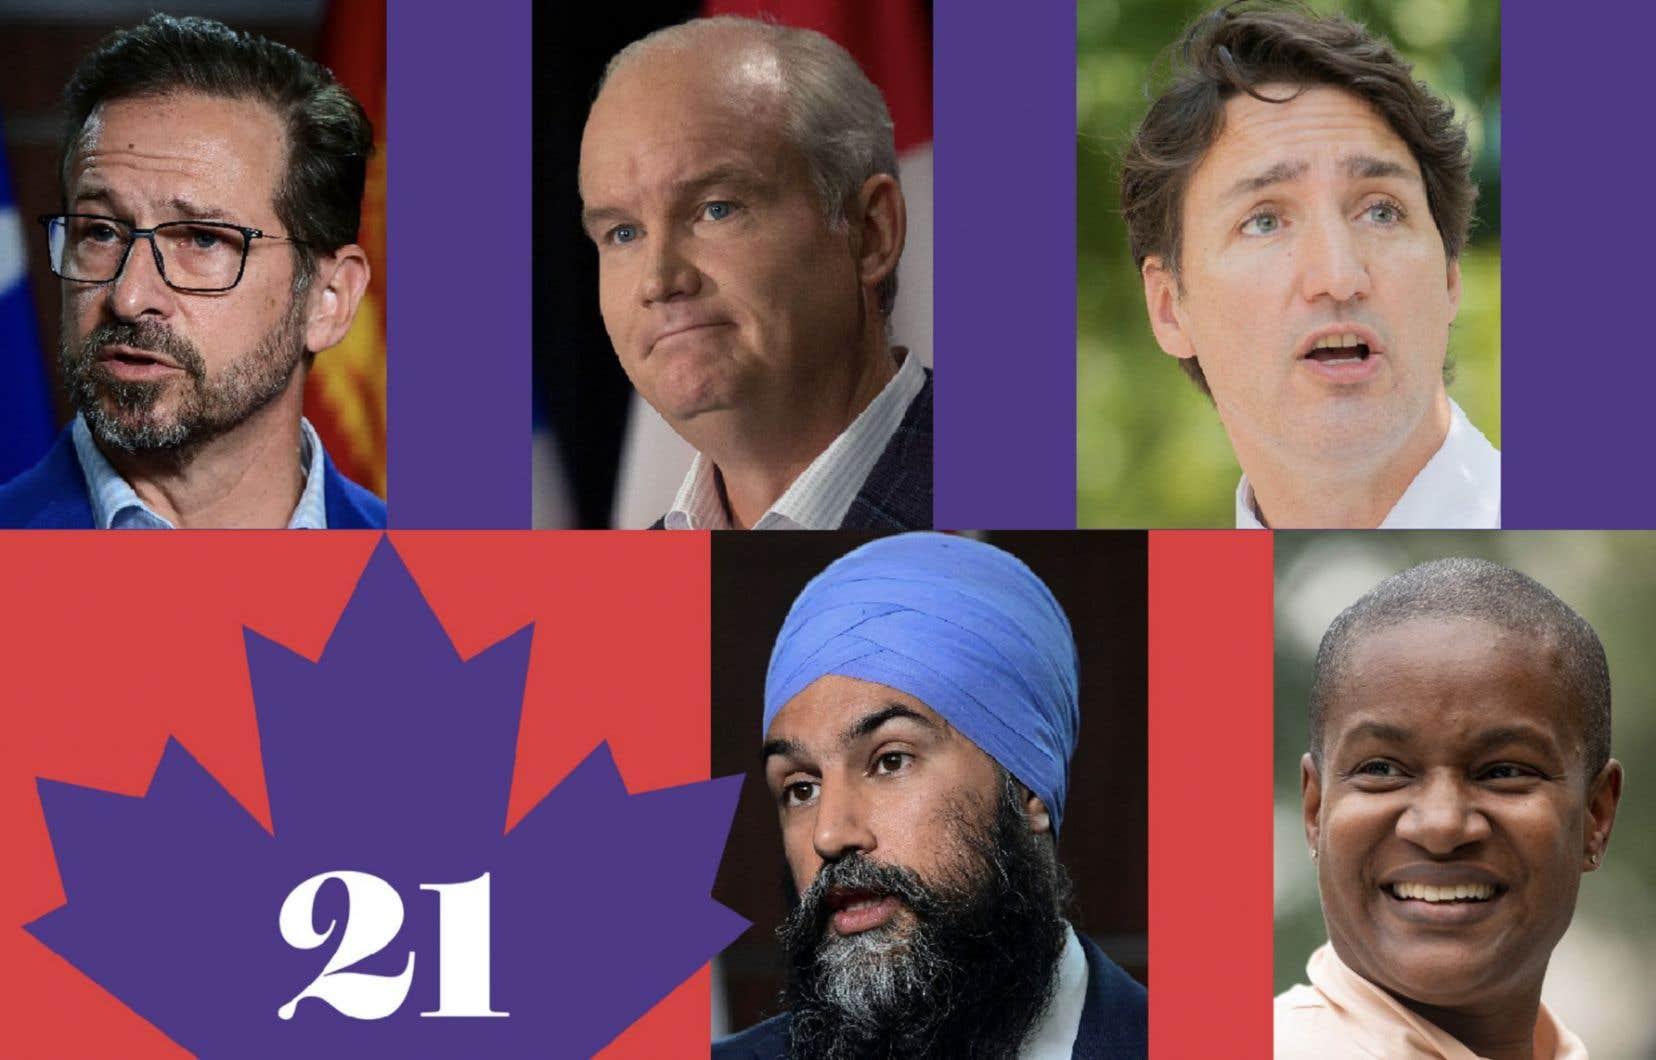 Les chefs divisés sur le climat et la santé